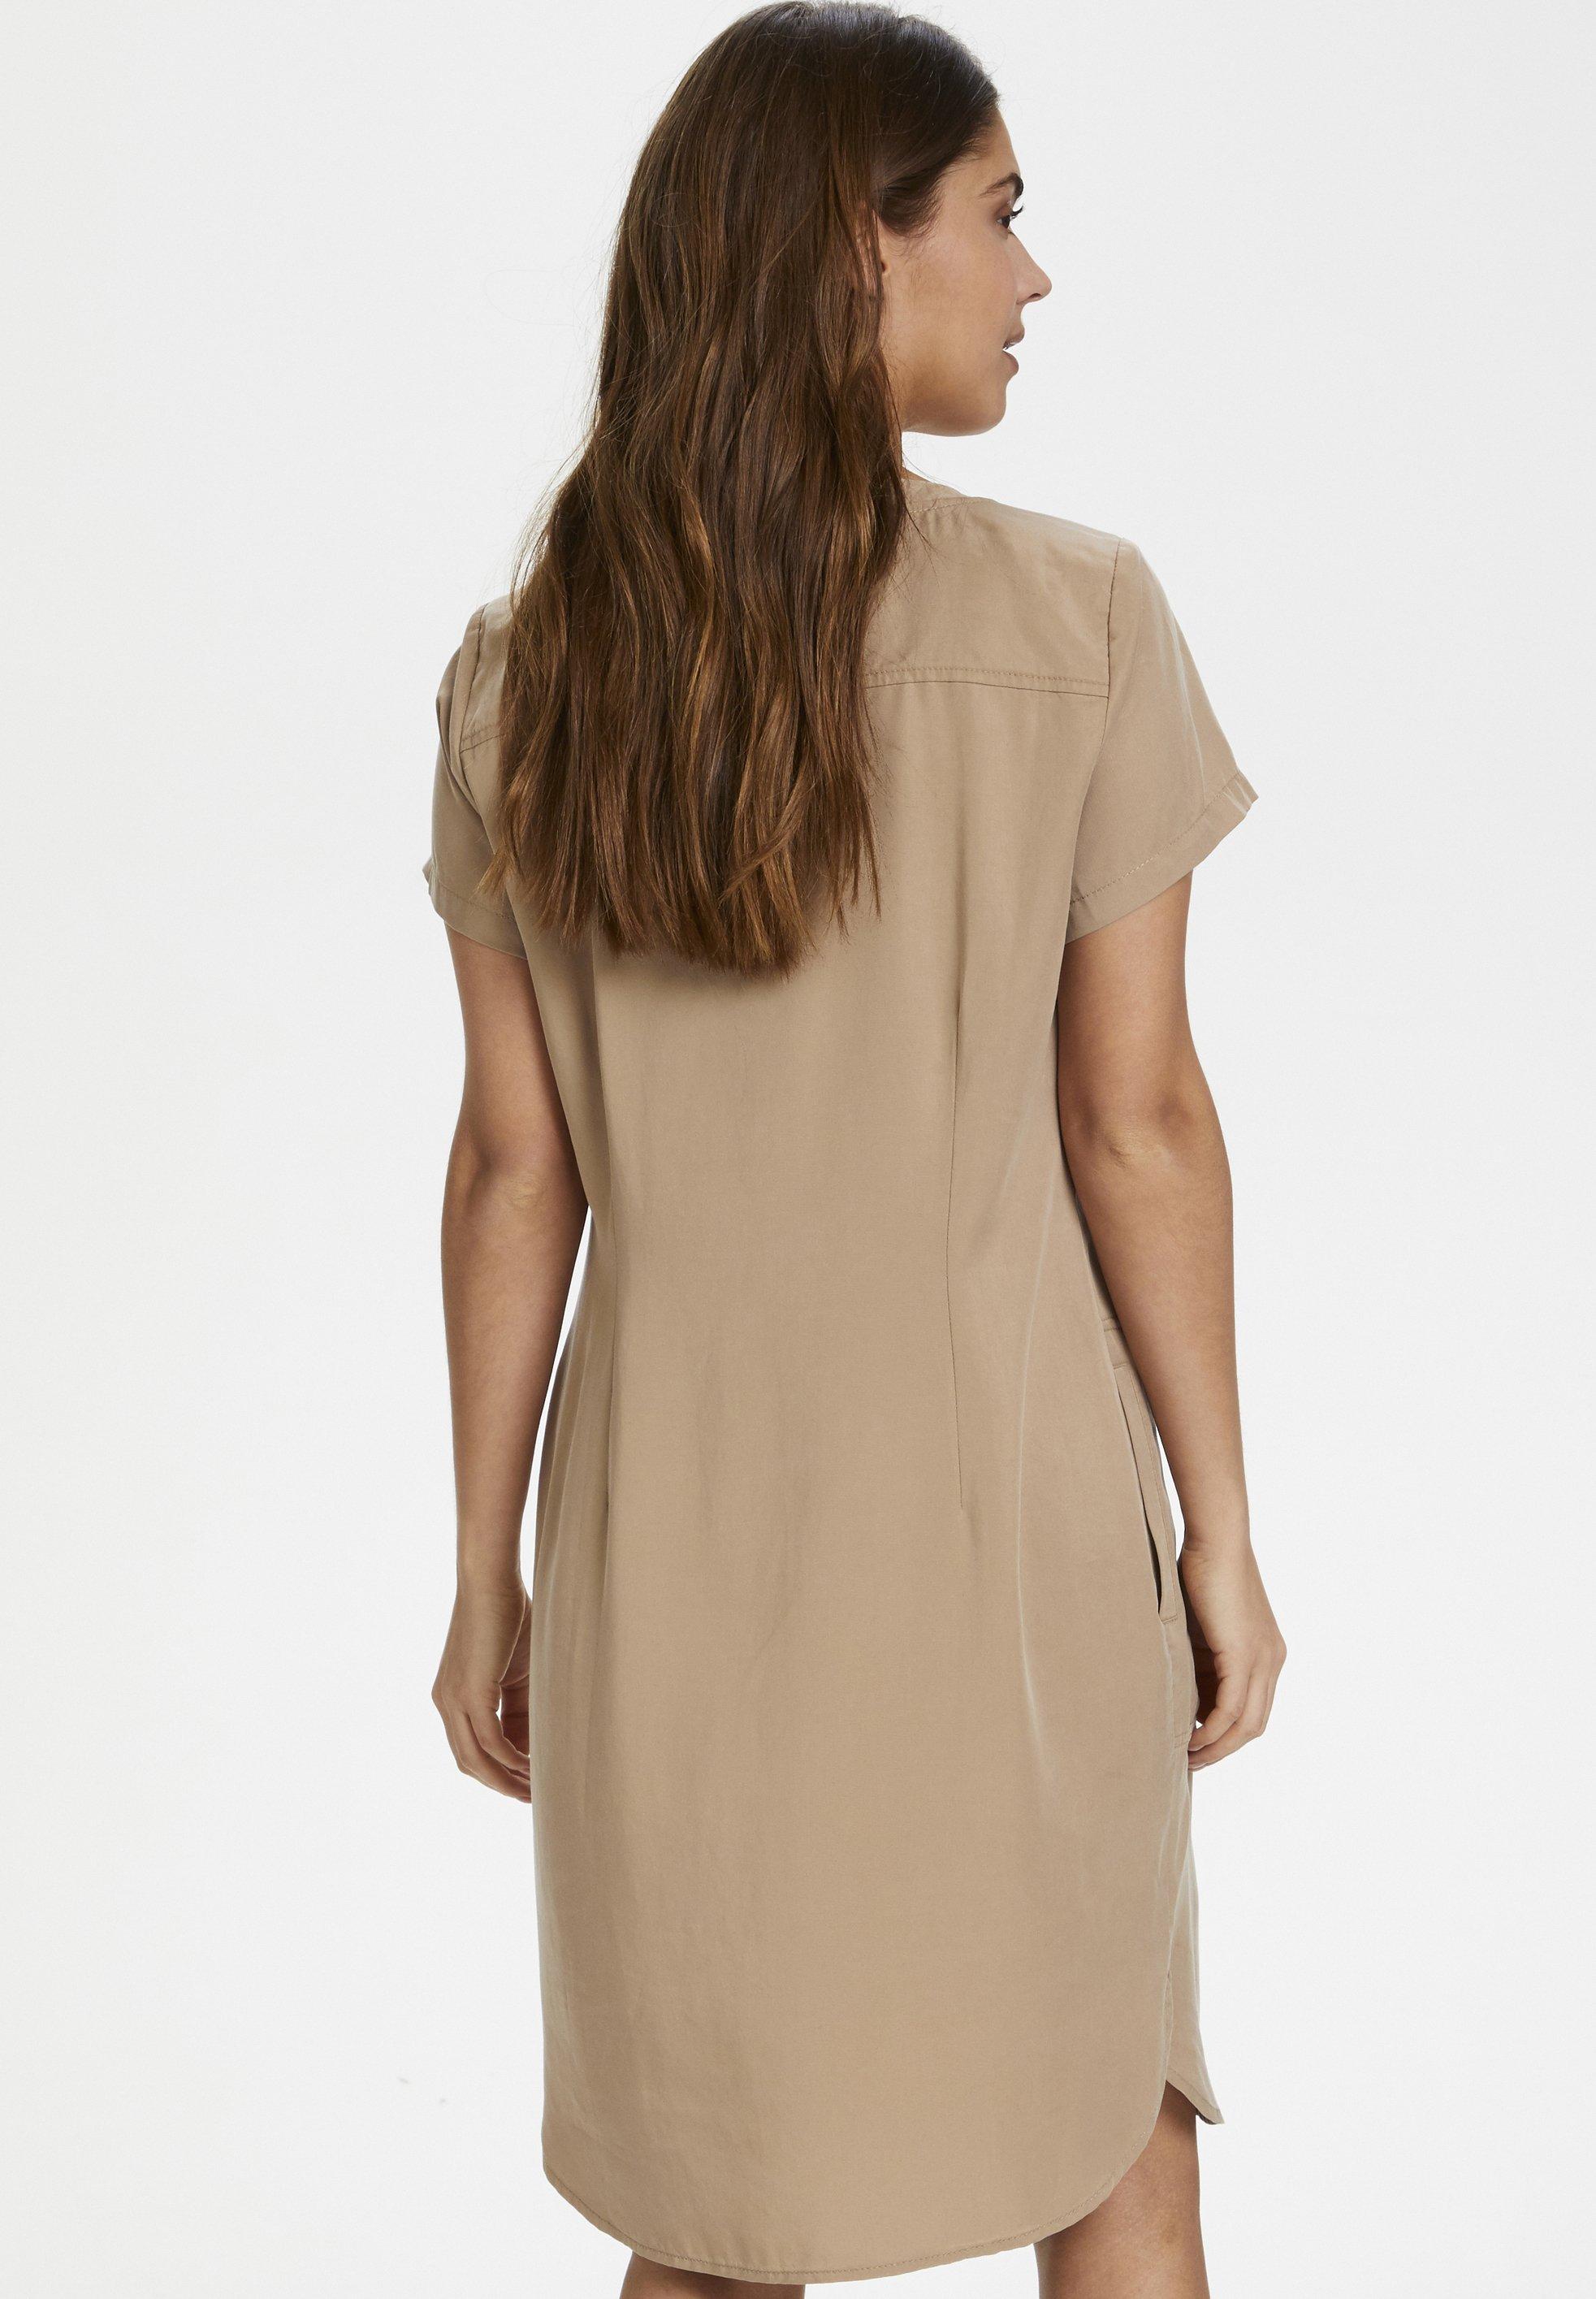 Limit Offer Cheap Women's Clothing Part Two AMINASSPW Day dress amphora w0Yo4KDXi